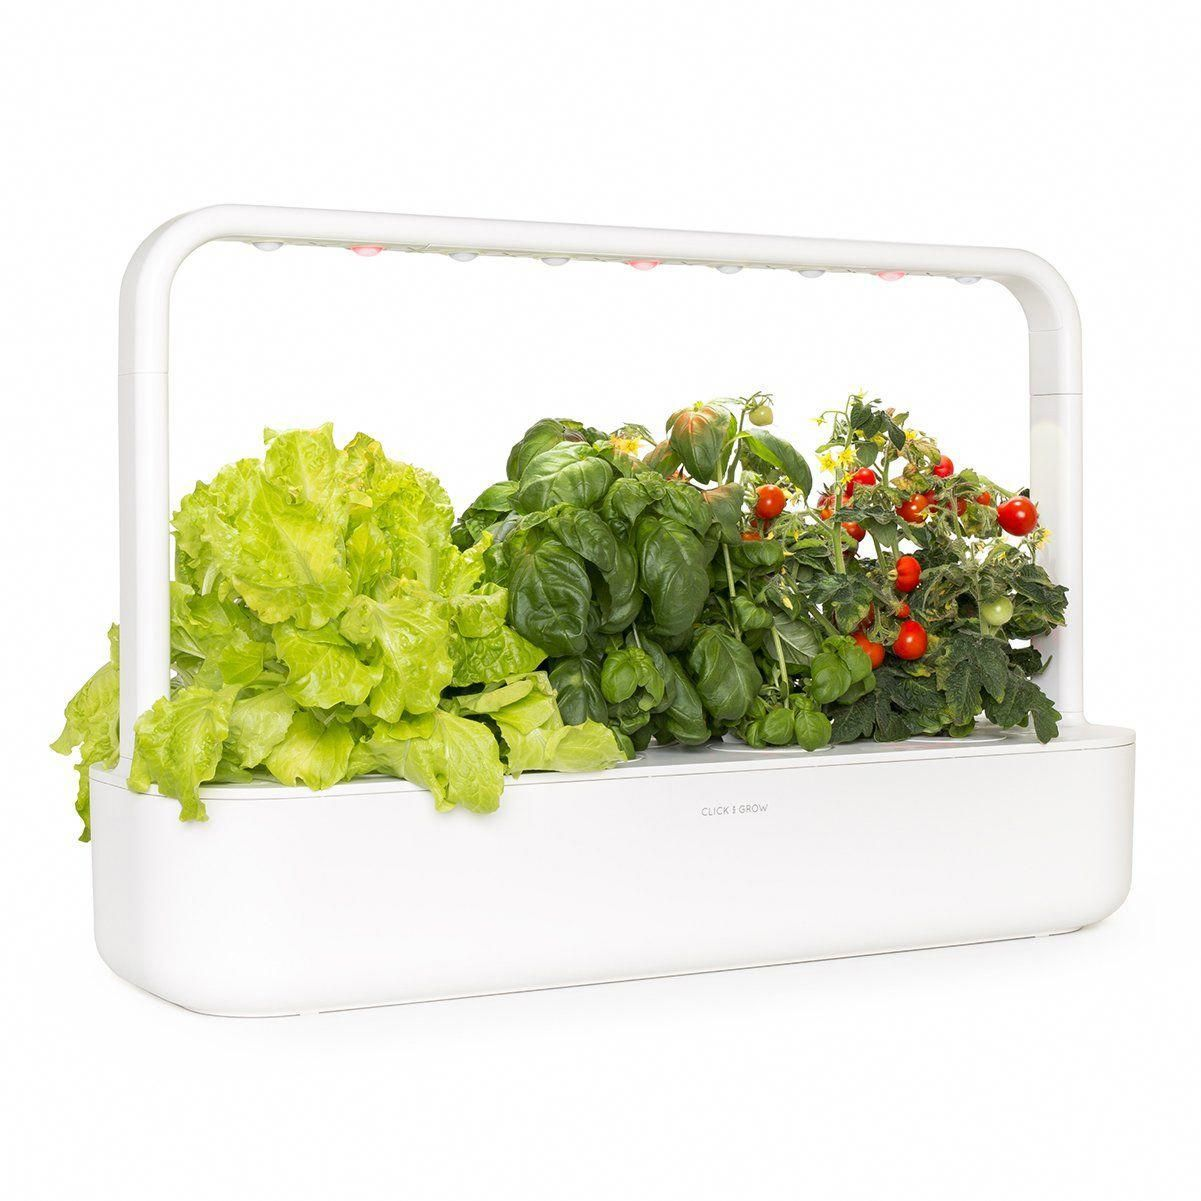 Urban Vegetable Gardening For Beginners: The Smart Garden 9 #indoorgarden #indoorgardening